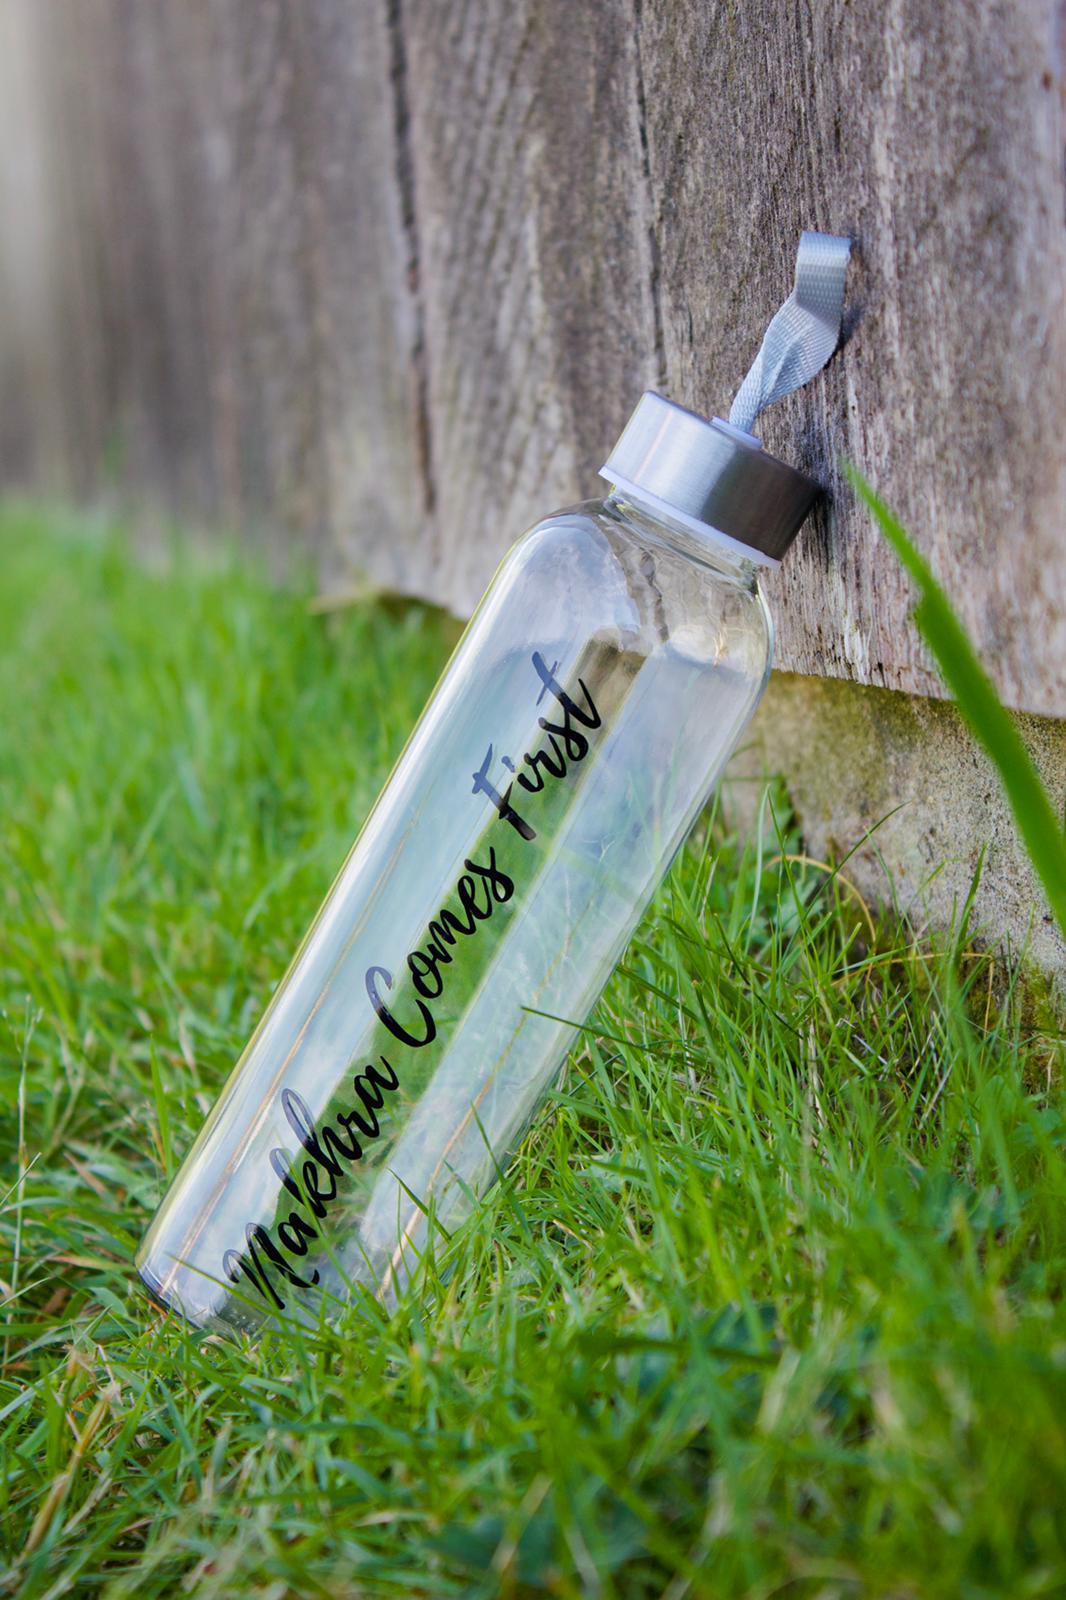 The Nakra Bottle